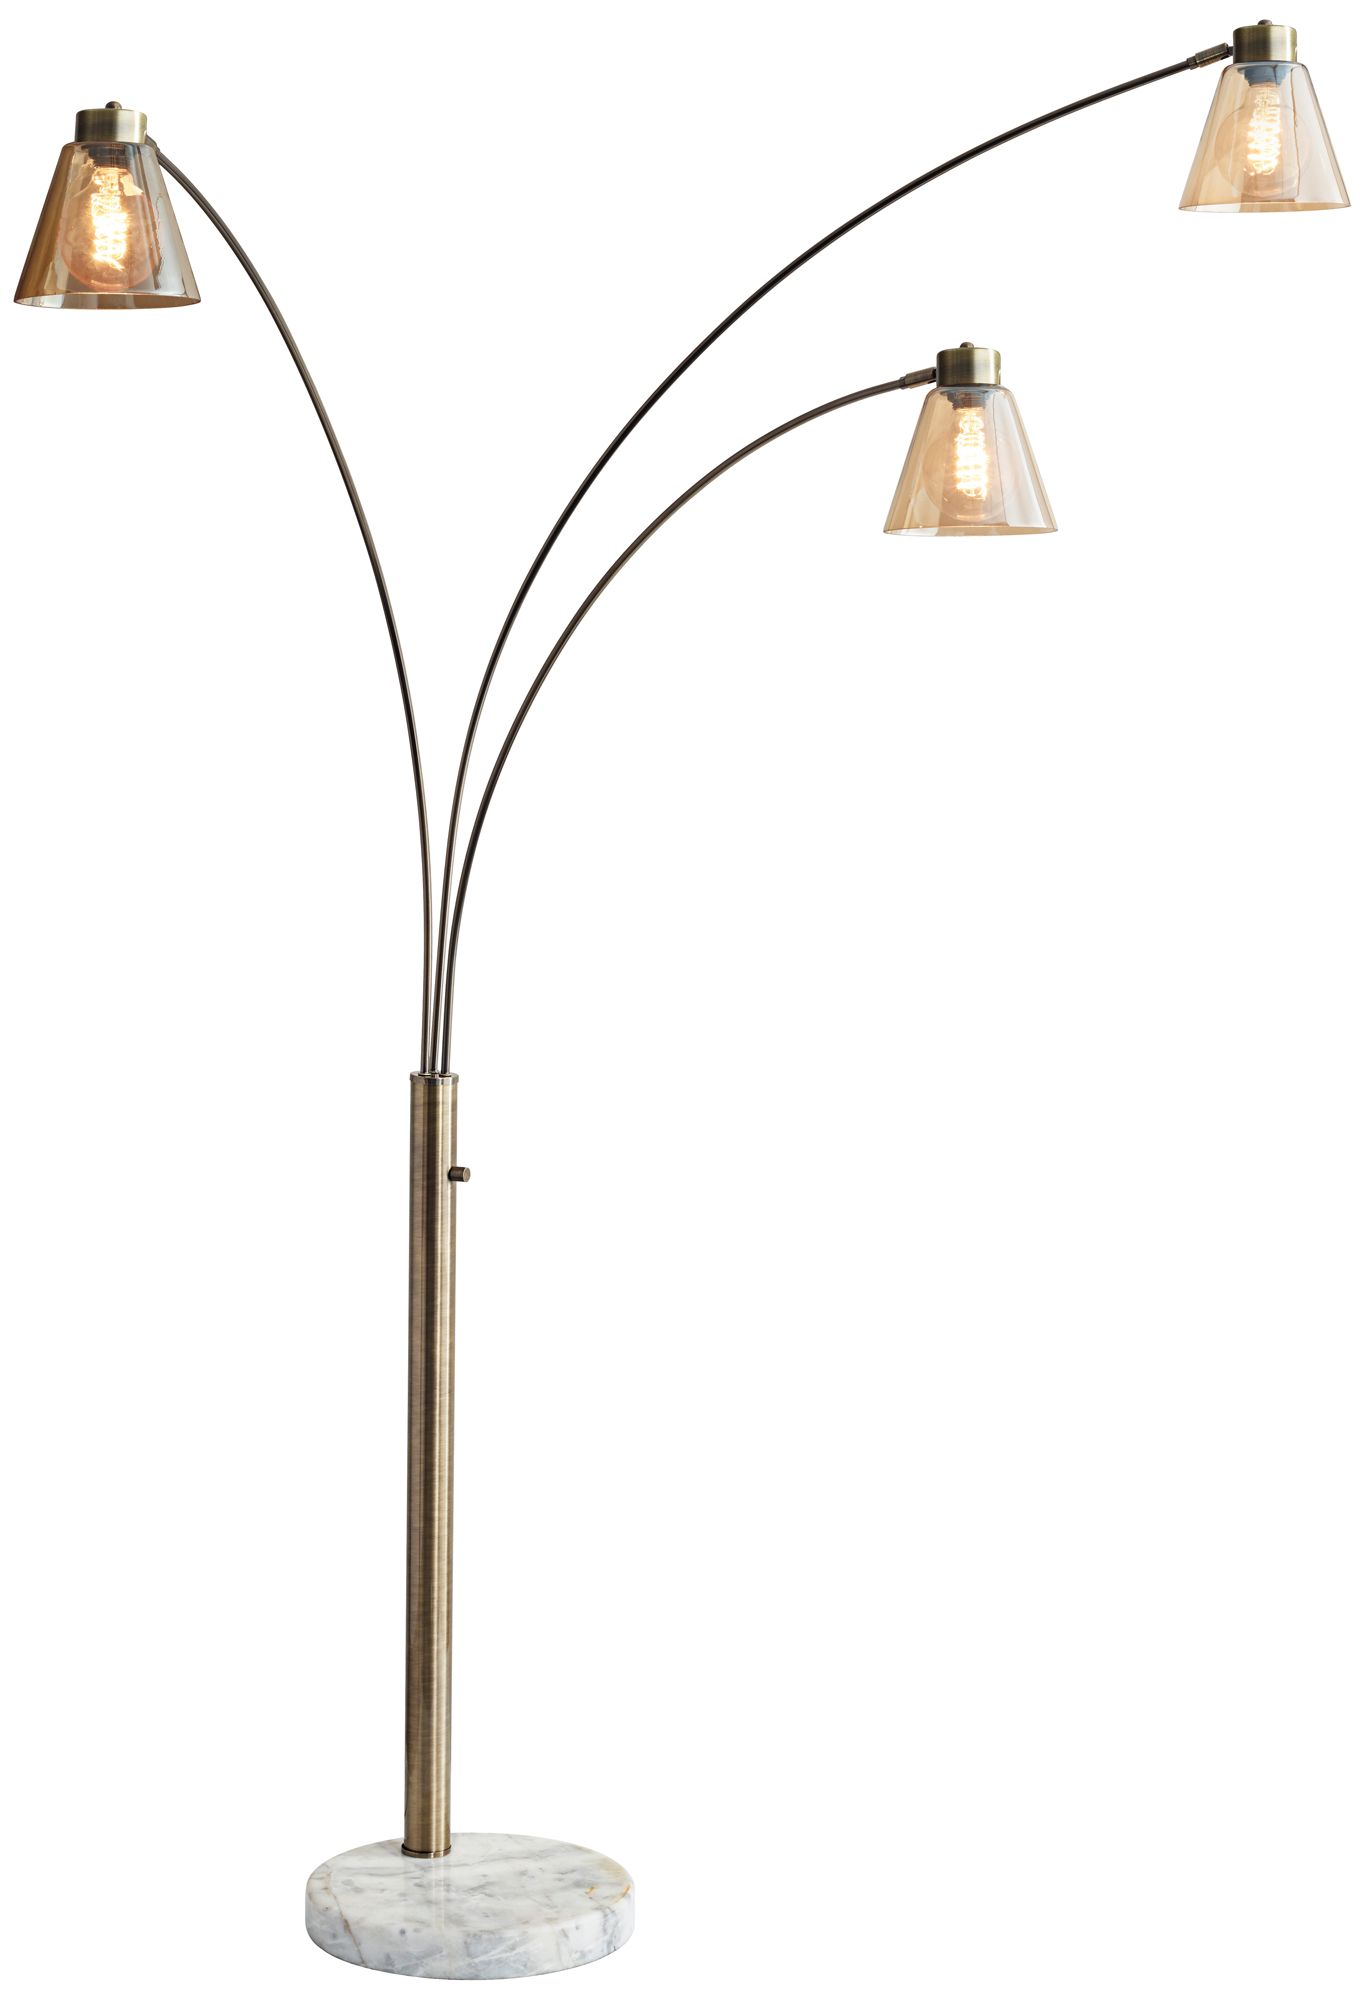 Sienna Antique Brass Adjustable 3 Arm Arc Floor Lamp